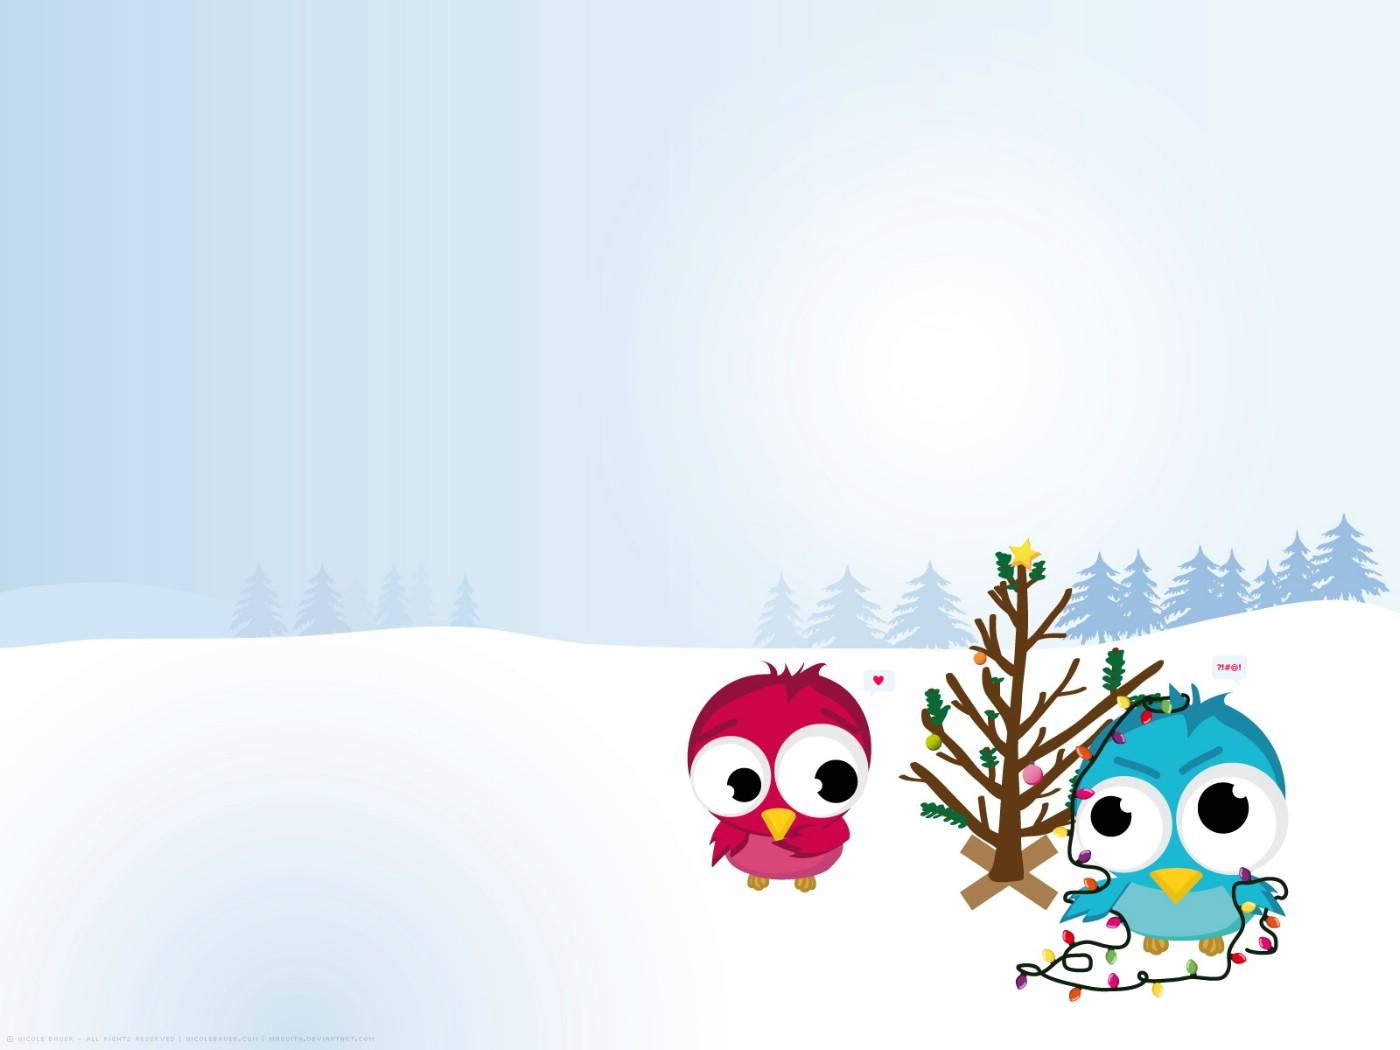 壁纸1400×1050圣诞节高清桌面壁纸壁纸 圣诞节高清桌面壁纸壁纸图片节日壁纸节日图片素材桌面壁纸